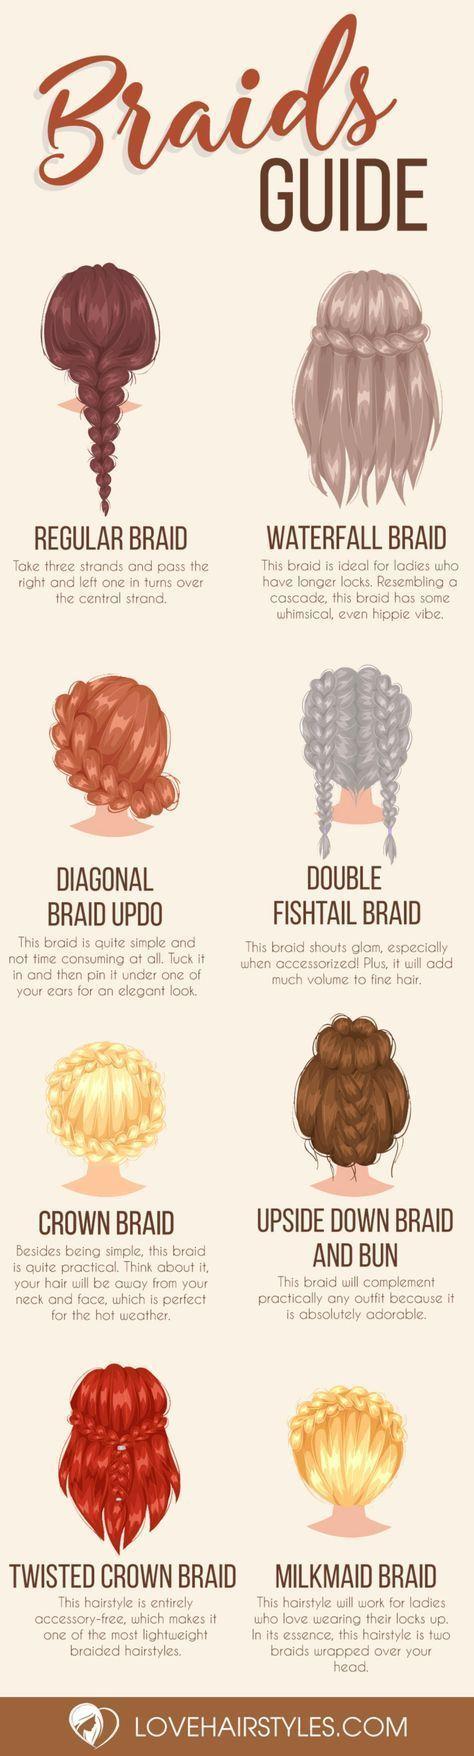 Diese Flechtfrisuren sind nicht so schwer wie sie aussehen! Du musst nur flechten können - und schon kannst du dir die schönsten Frisuren zaubern! DIY Flechtfrisuren / How to Braided Hairstyles / Braided Hair Styles / Waterfall Braid / Braid Updo / Fishtail Braid / Crown Braid | Stylefeed #Braided #Charming #hairs styles #Hairstyles #LoveHairStylescom